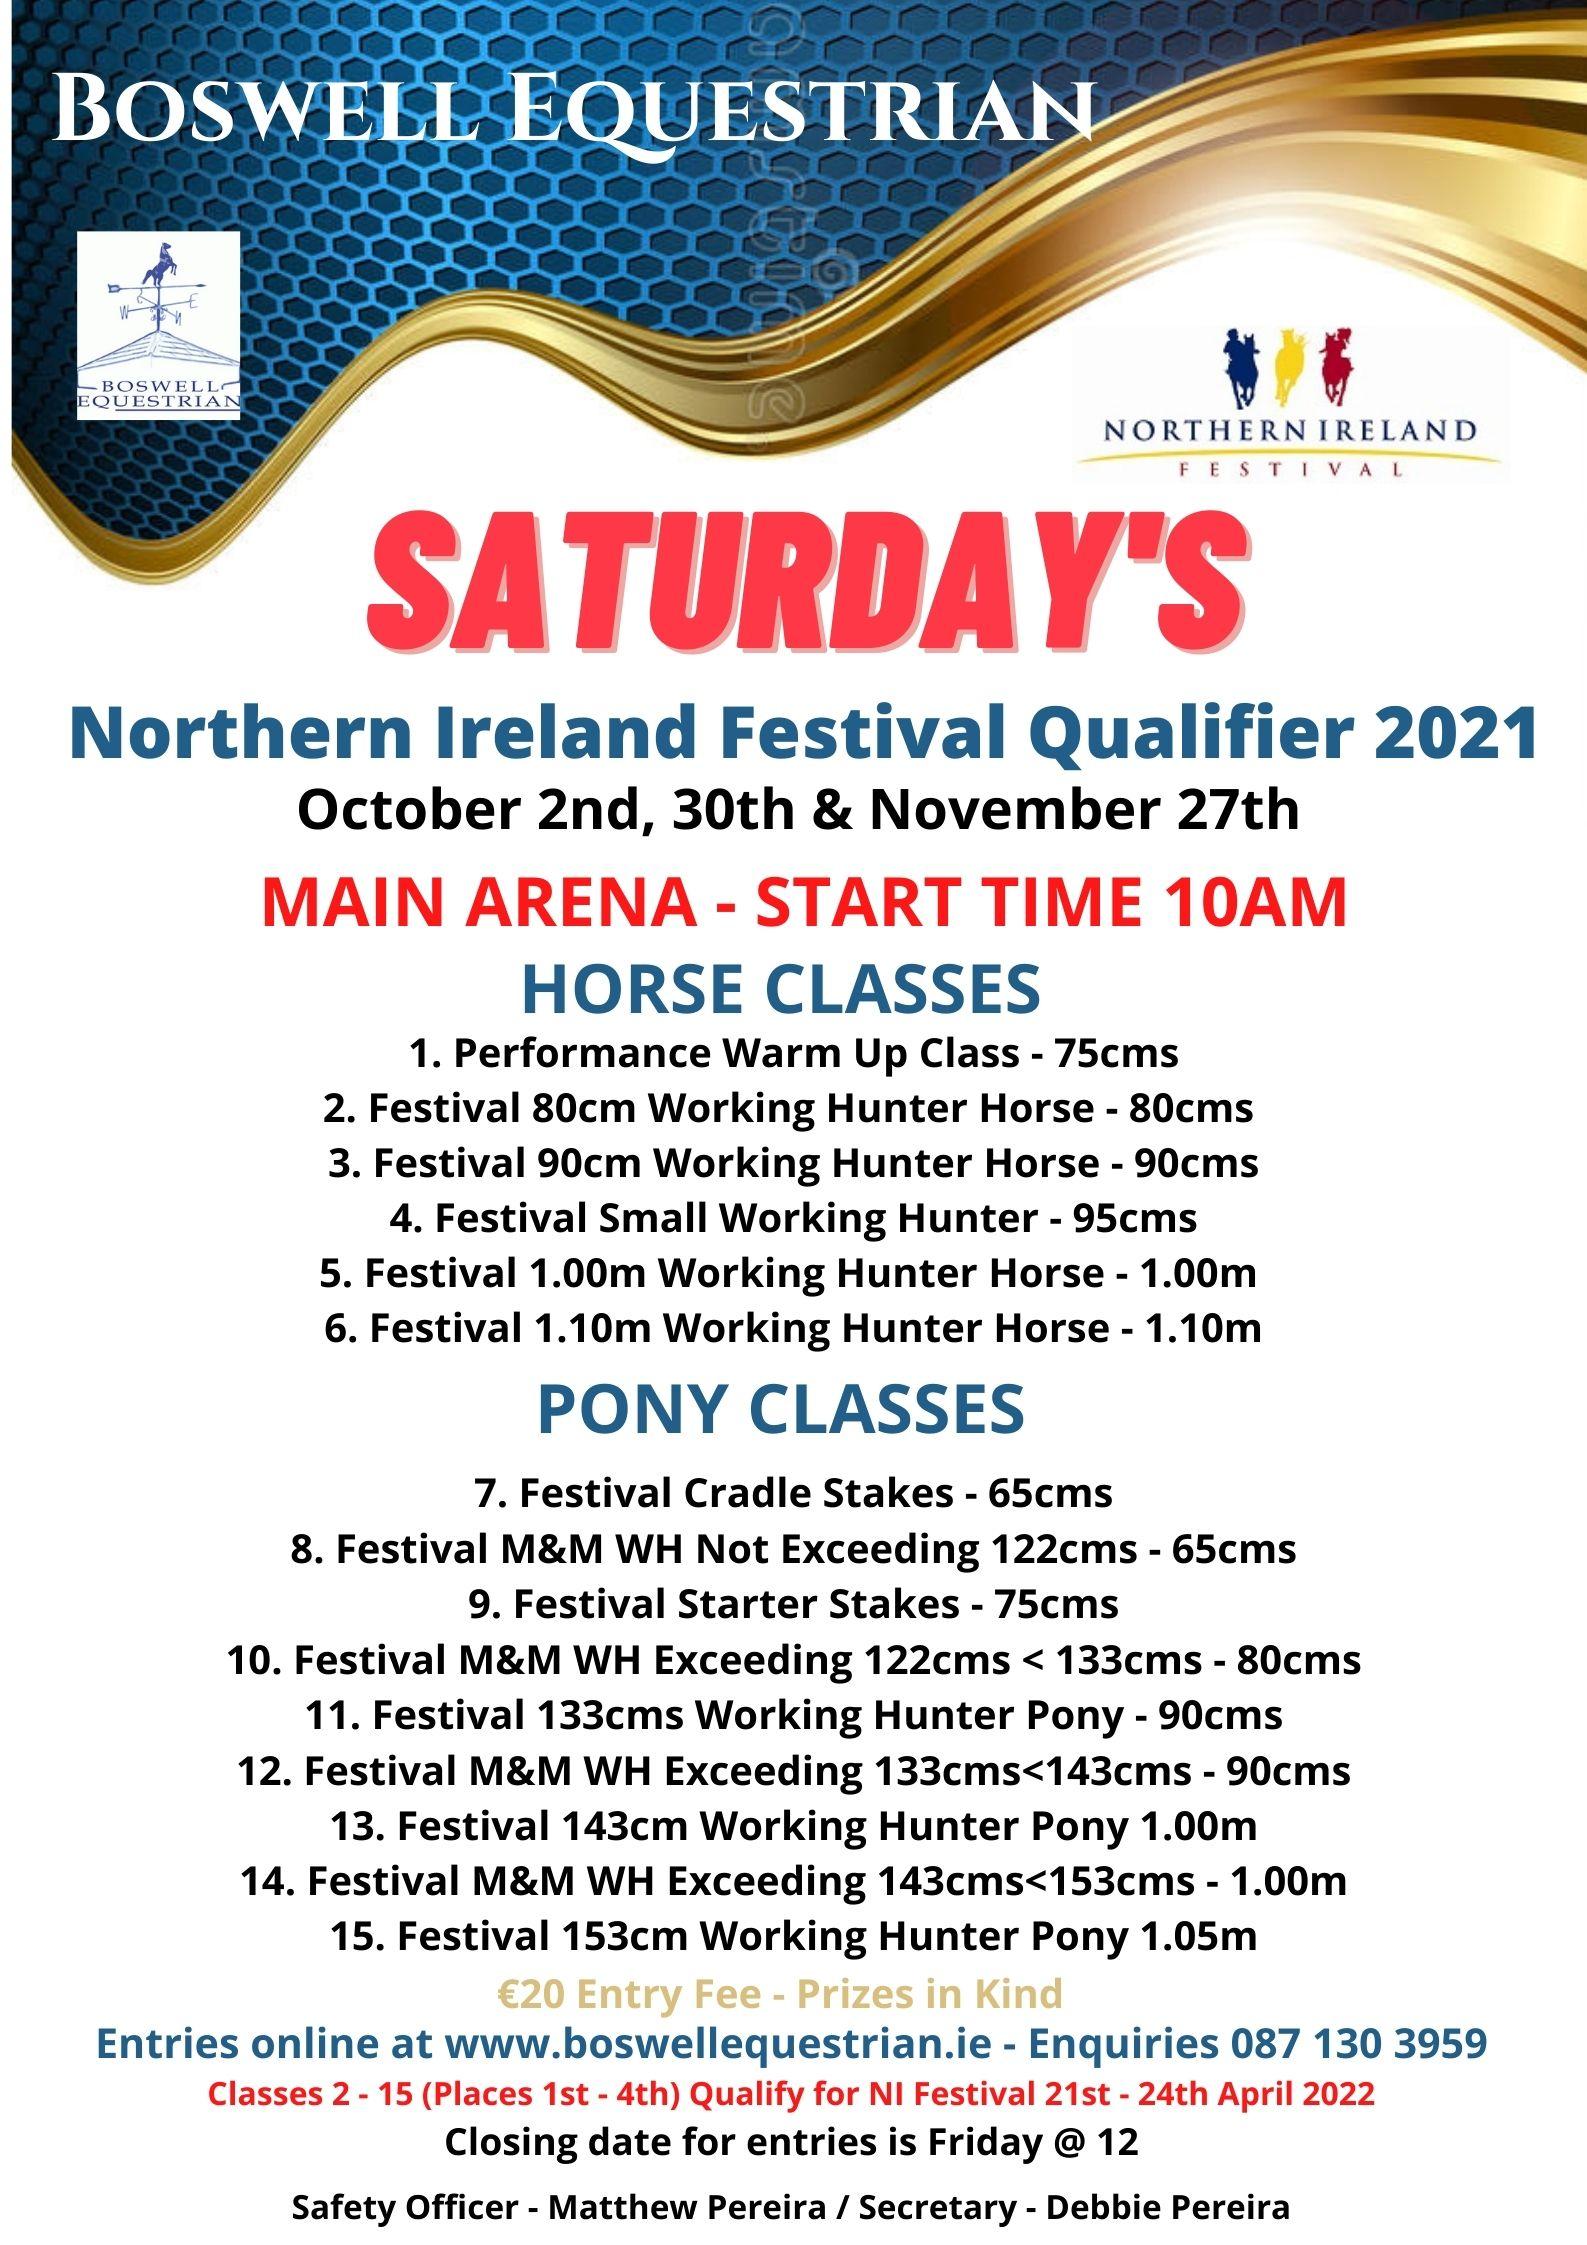 Northern Ireland Festival Qualifier